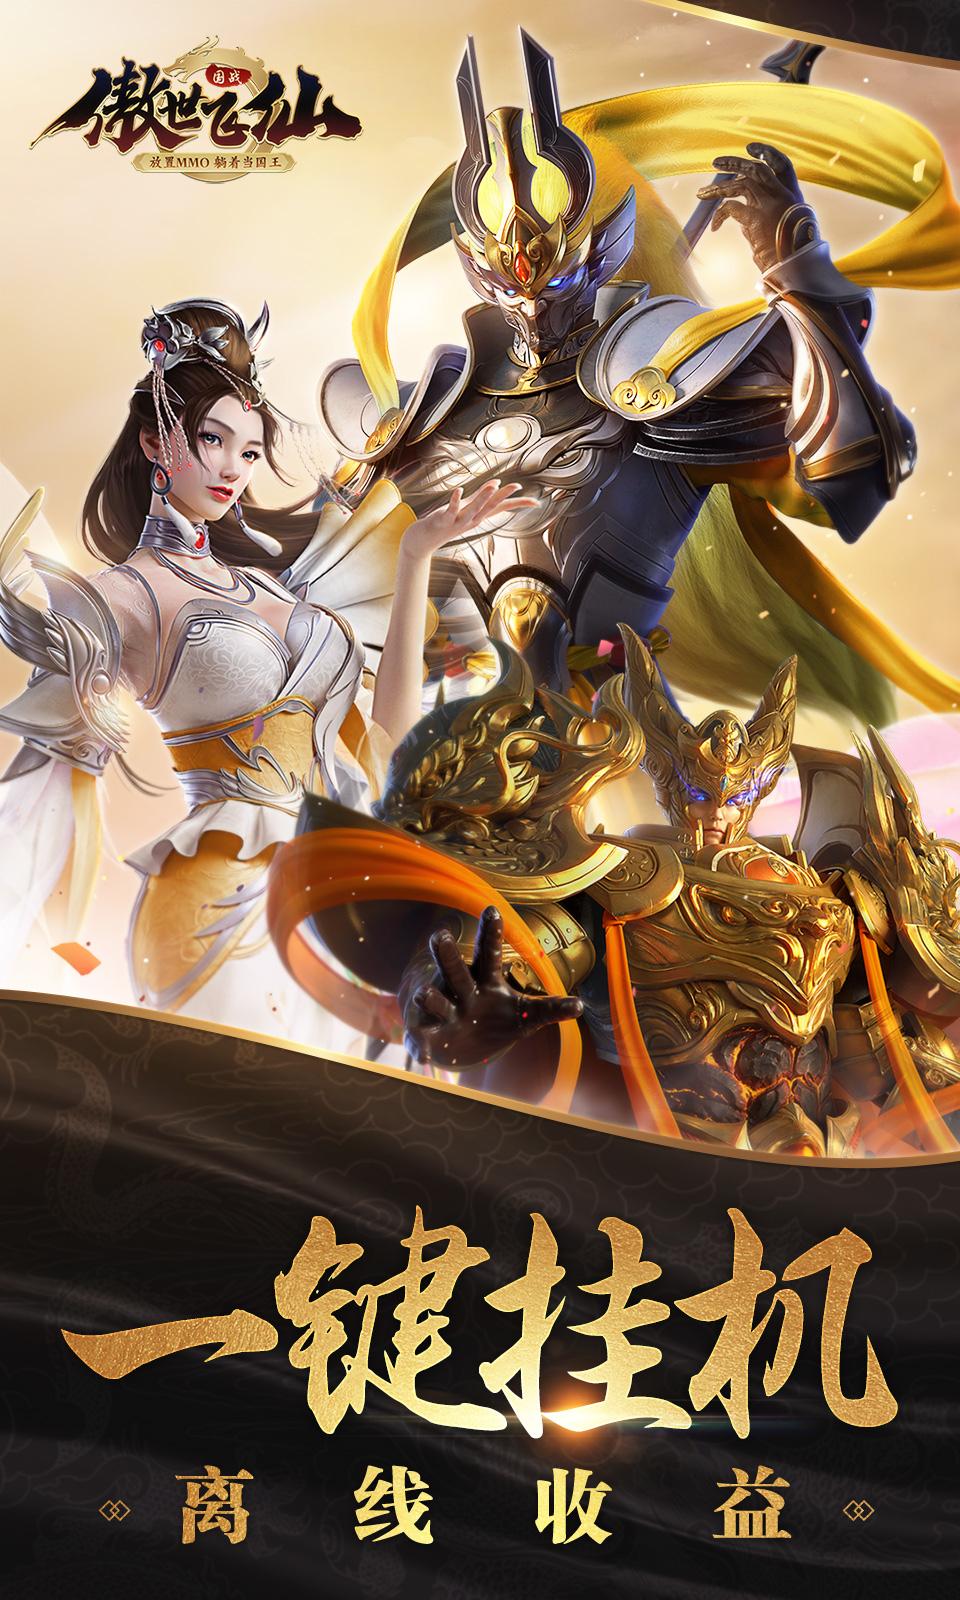 傲世飞仙(小沈阳代言)